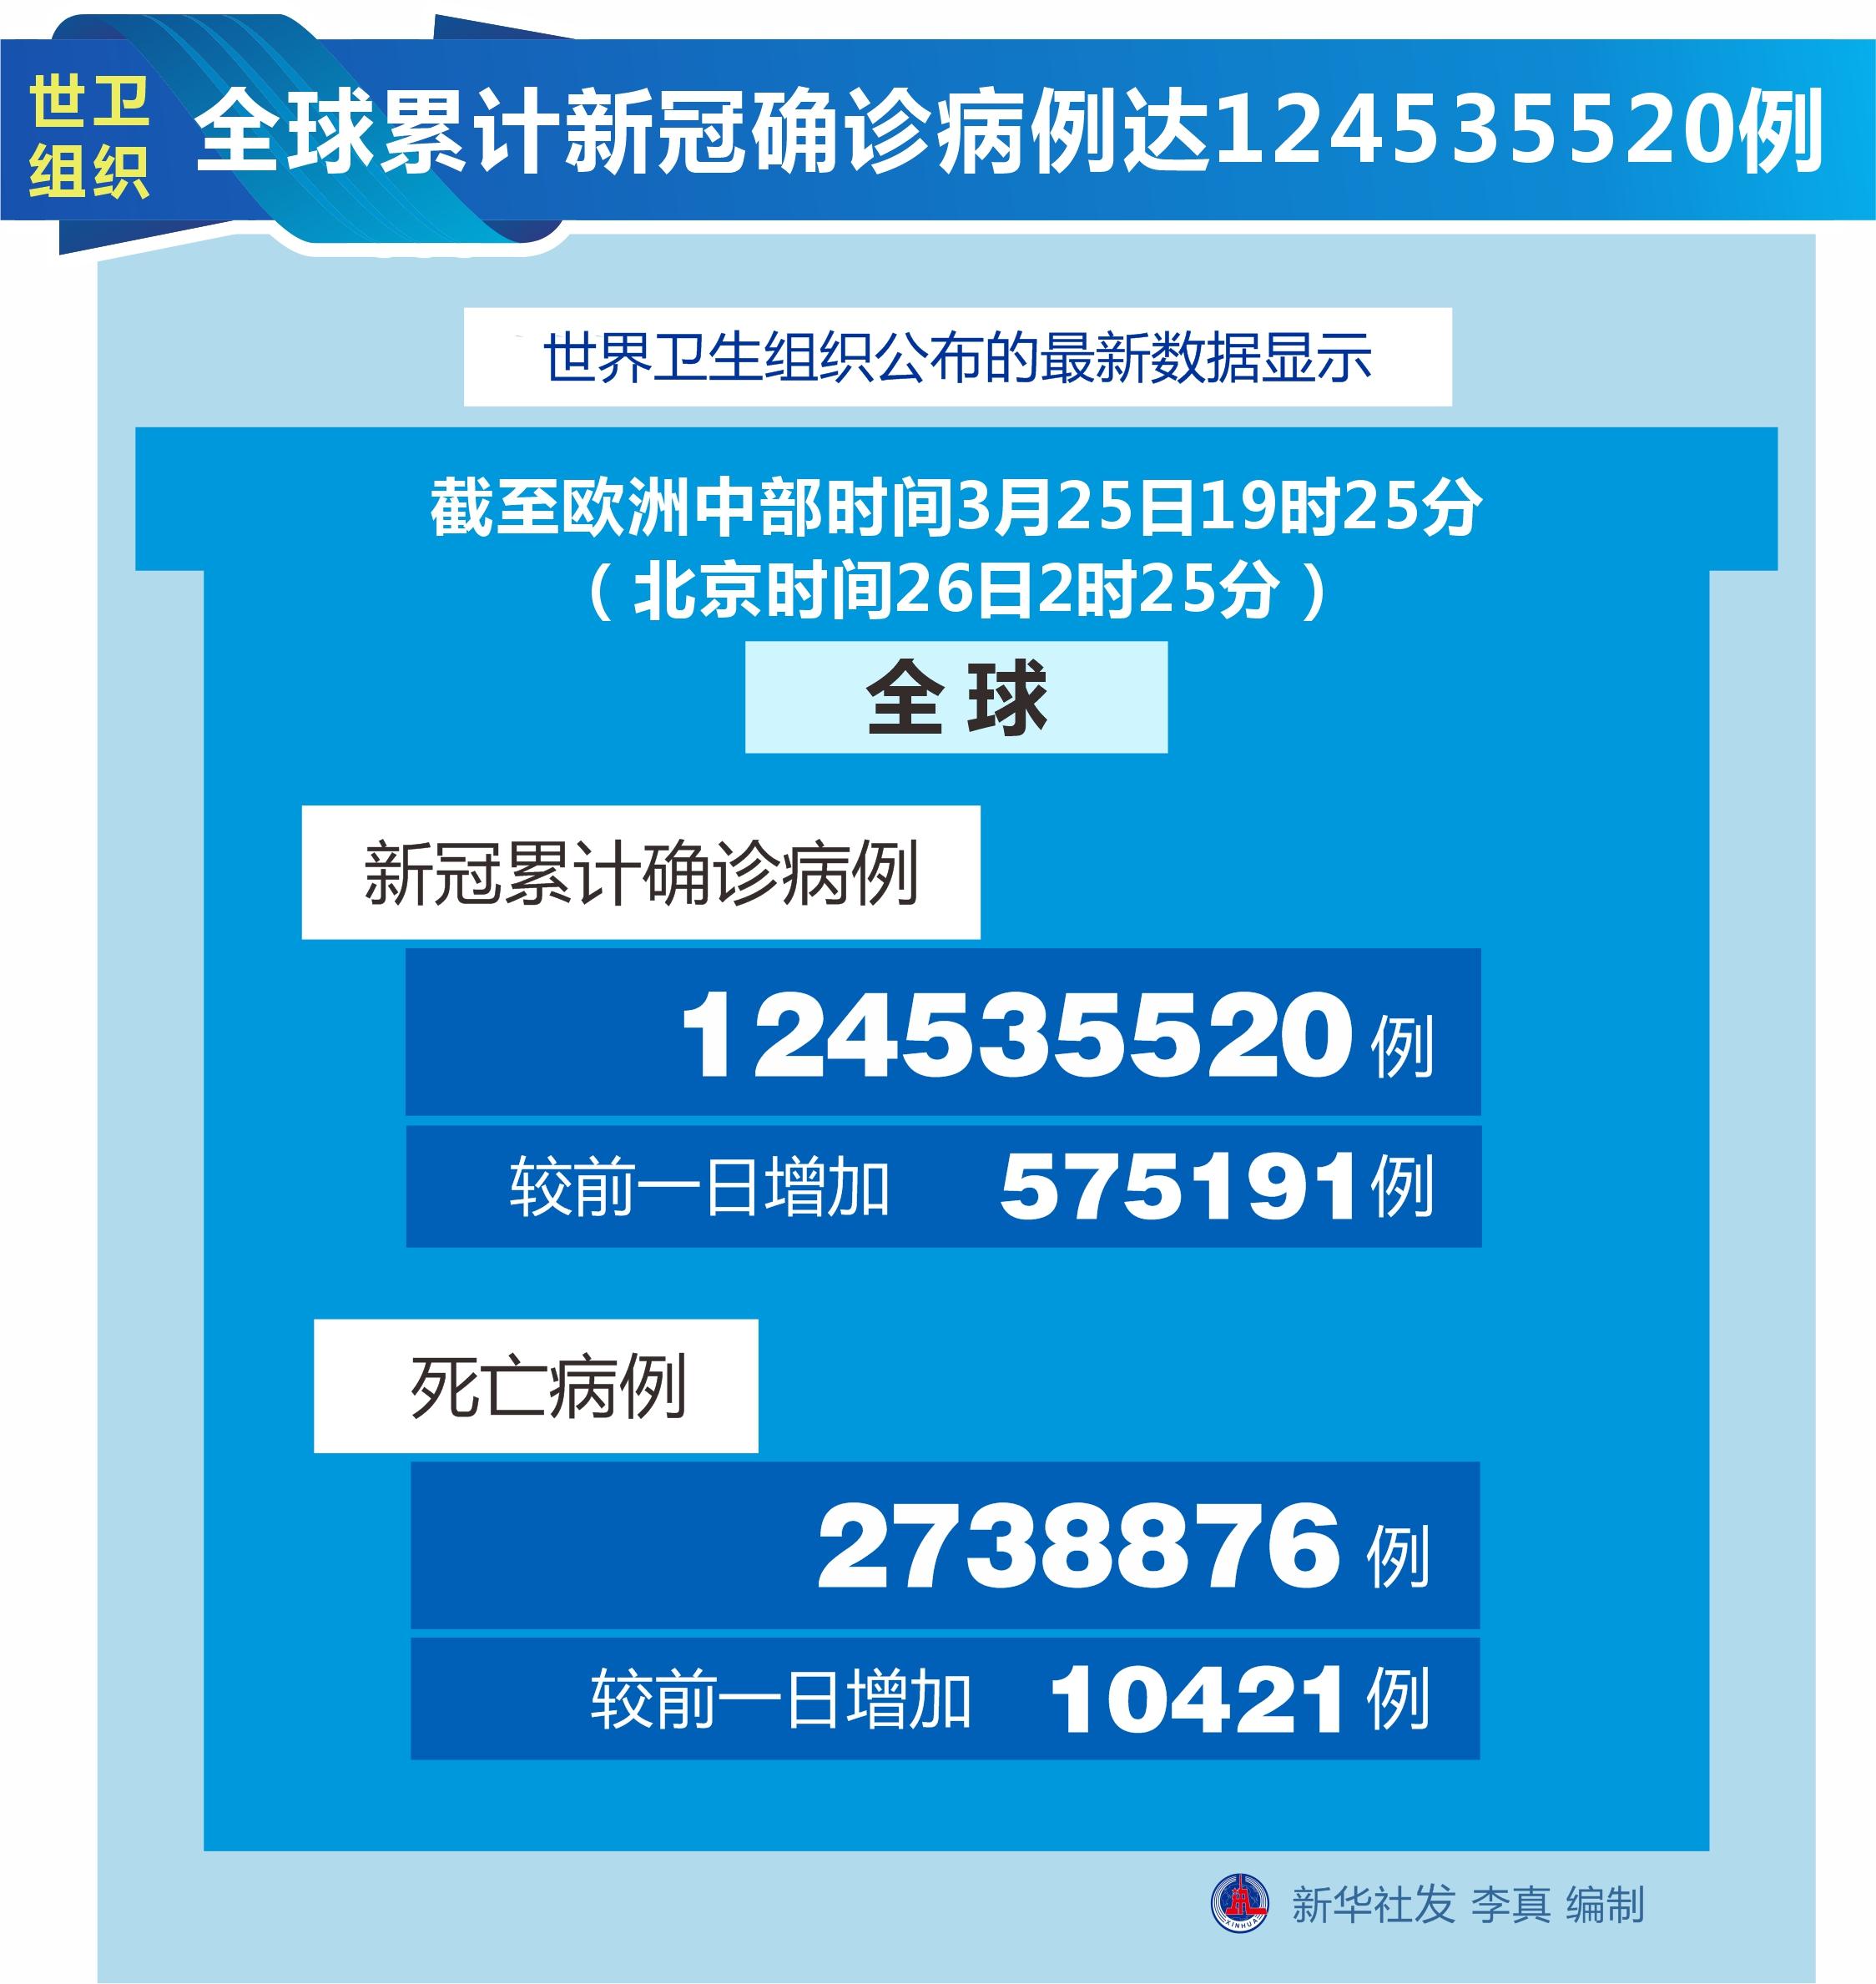 [国际疫情]世卫组织:全球新冠肺炎累计确诊病例数达到124,535,520例